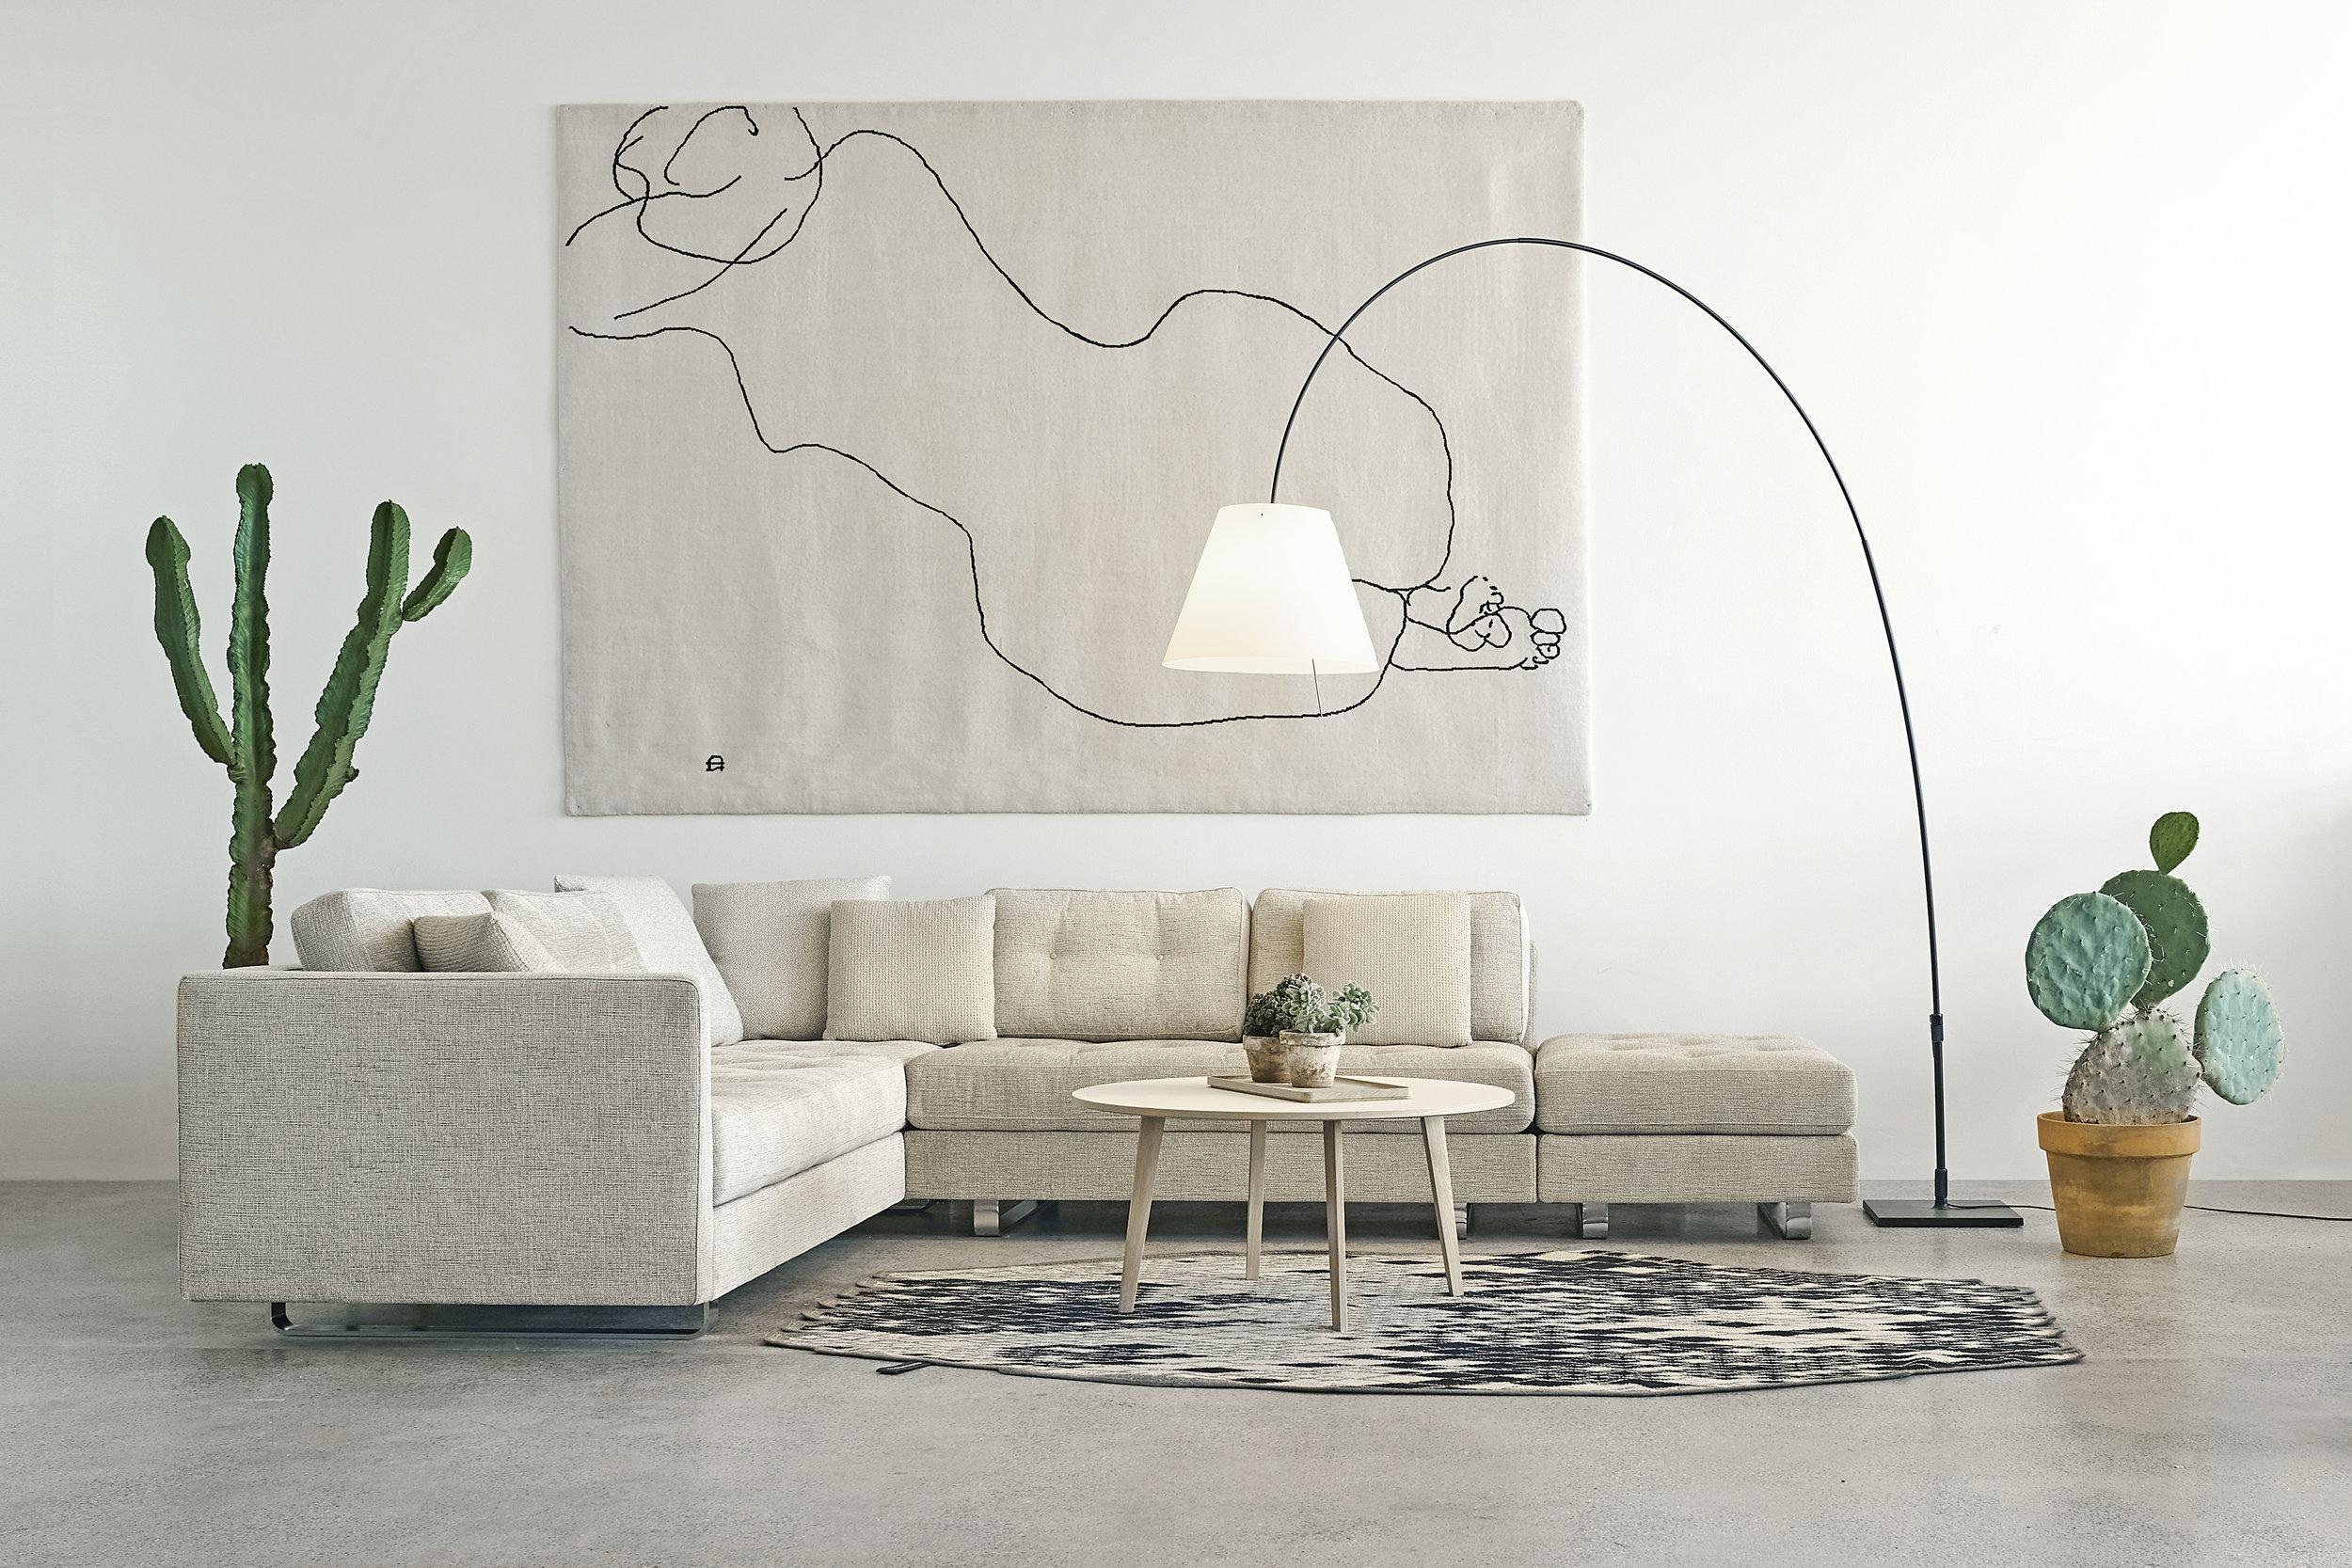 <b>Not 3T coffee table</b> designed by Foersom & Hiort-Lorenzen